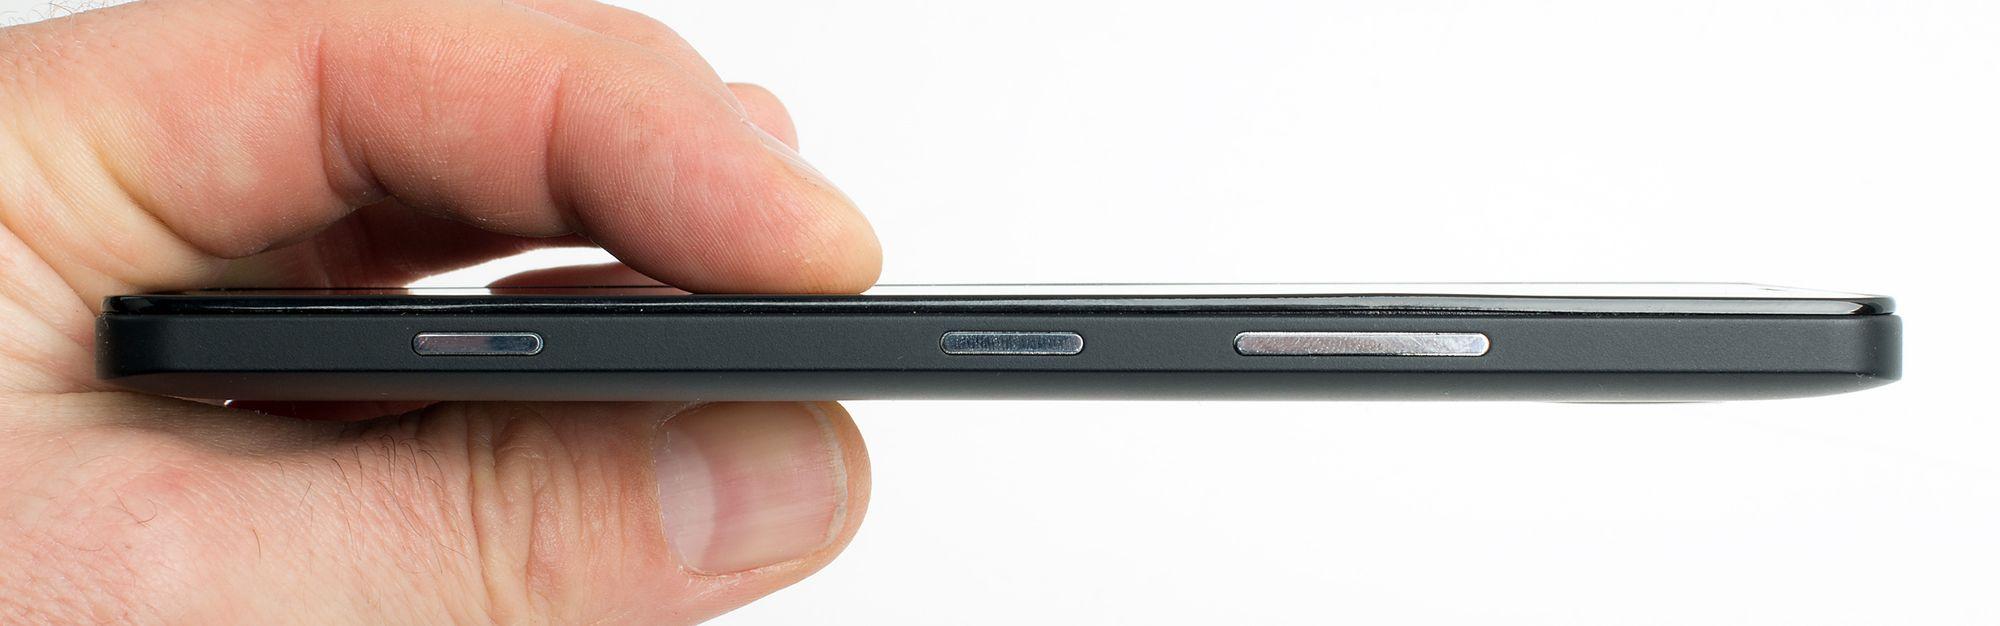 kjøpe lumia 950 xl